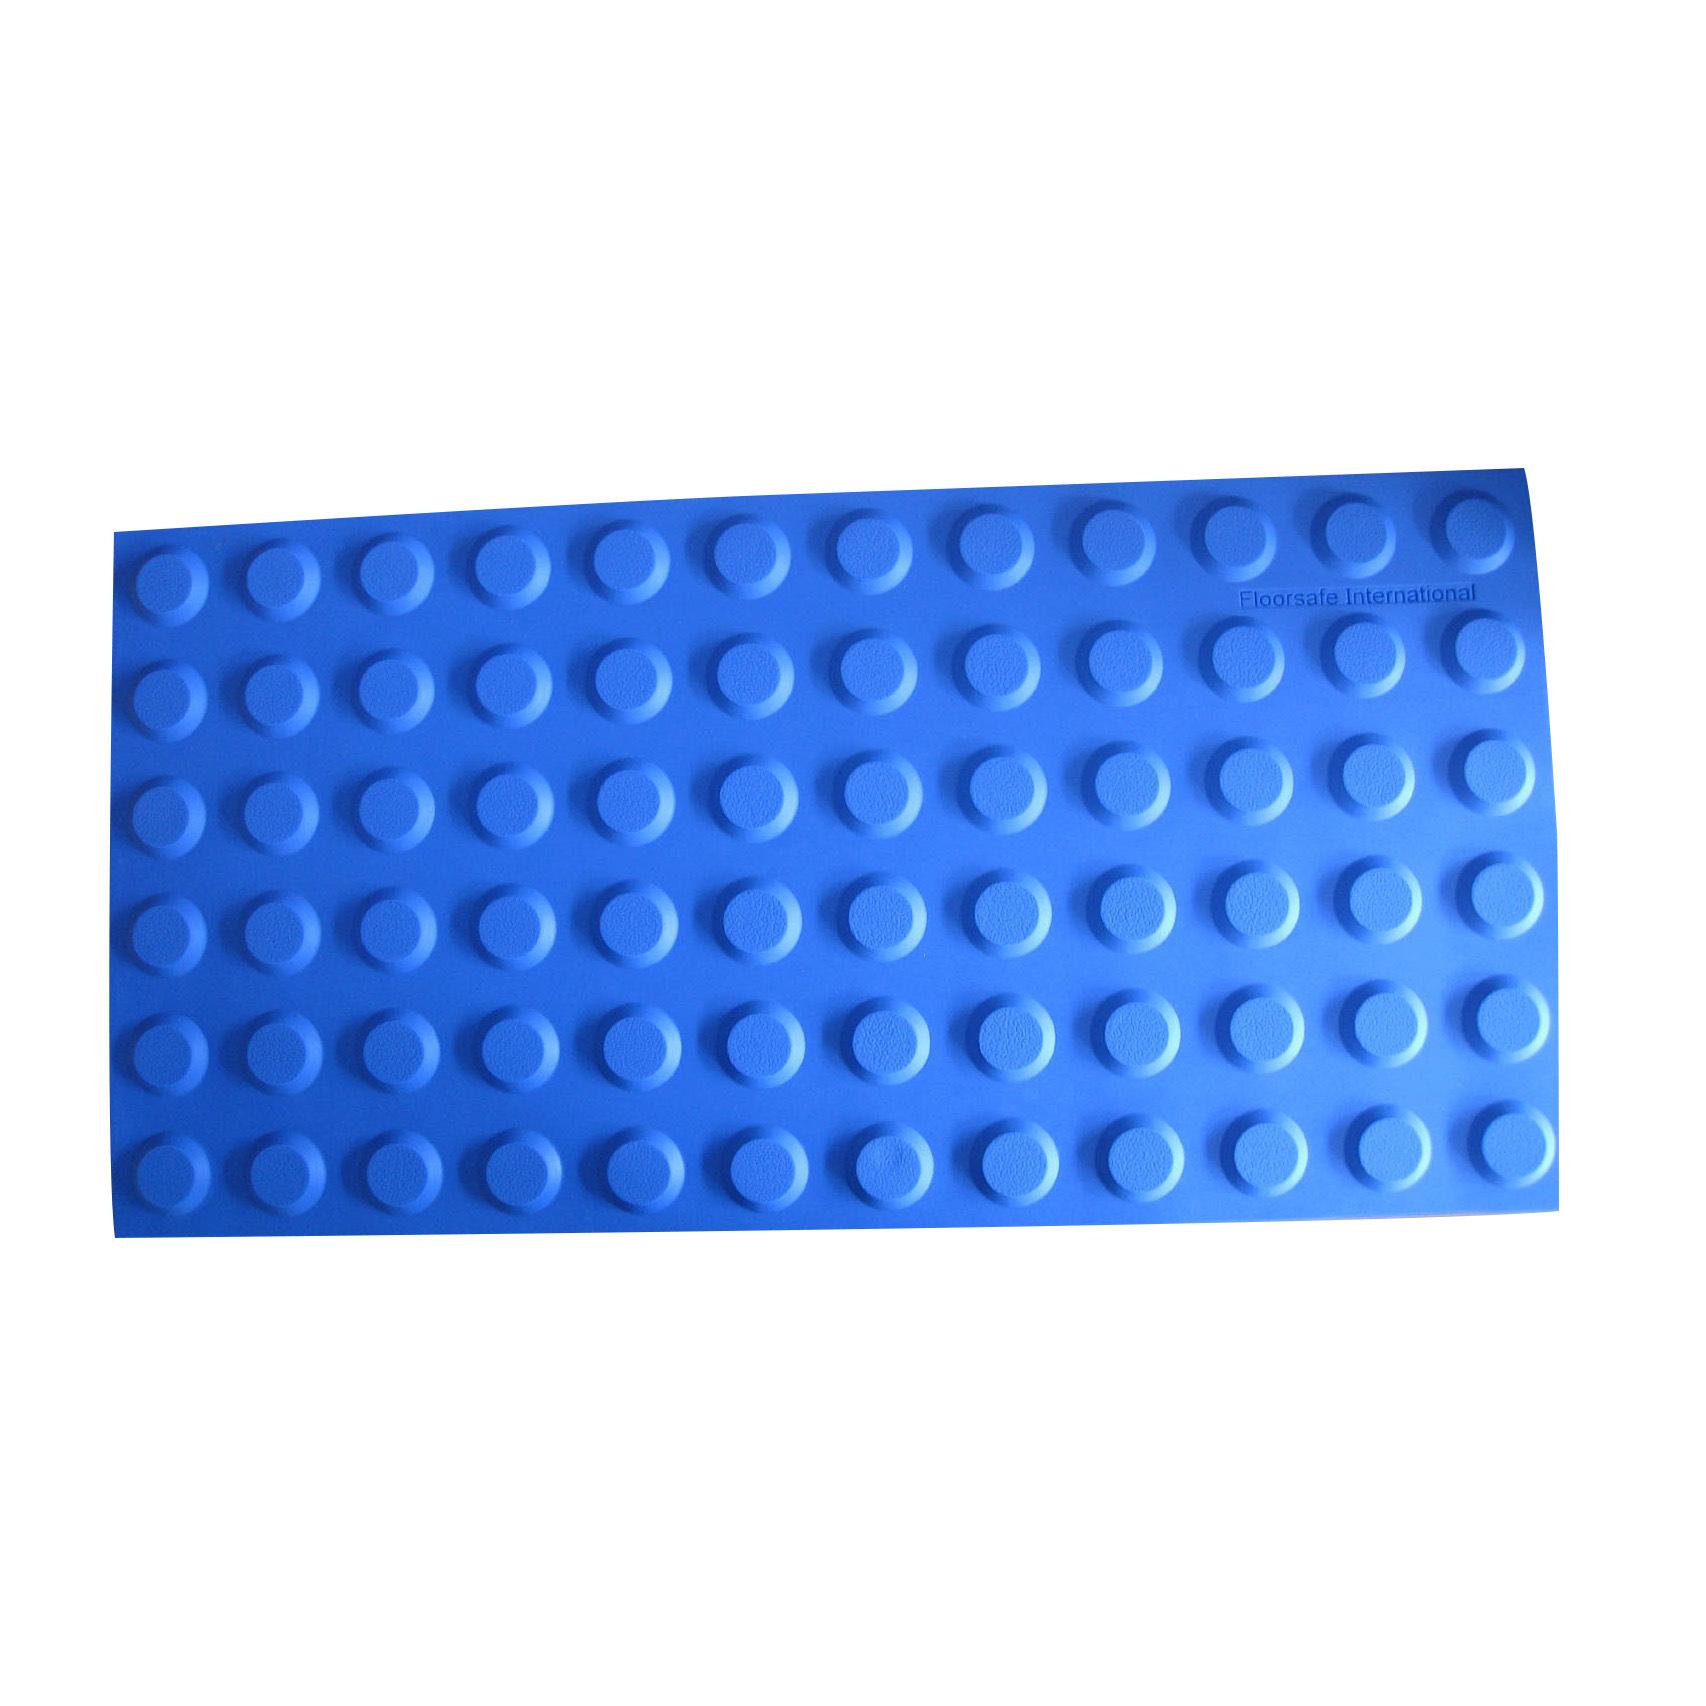 Rubber Tactile Indicator Mat (XC-MDB7004)